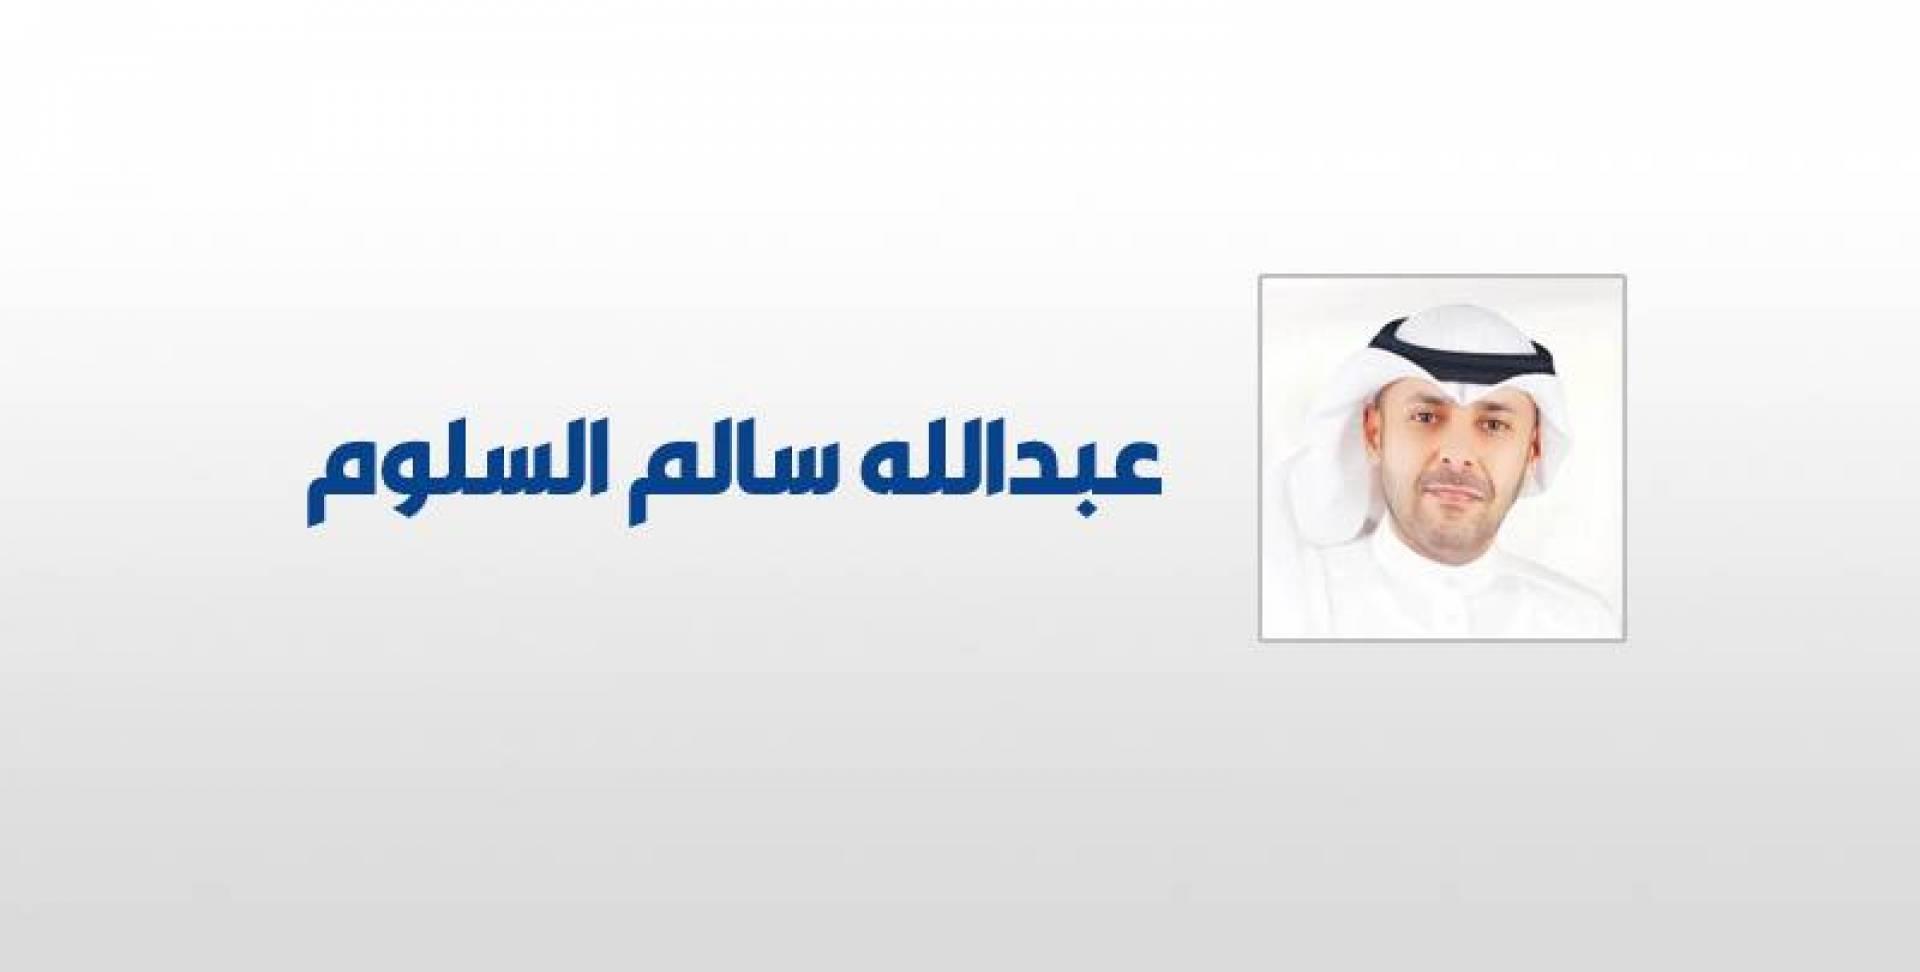 عبد الله سالم السلوم